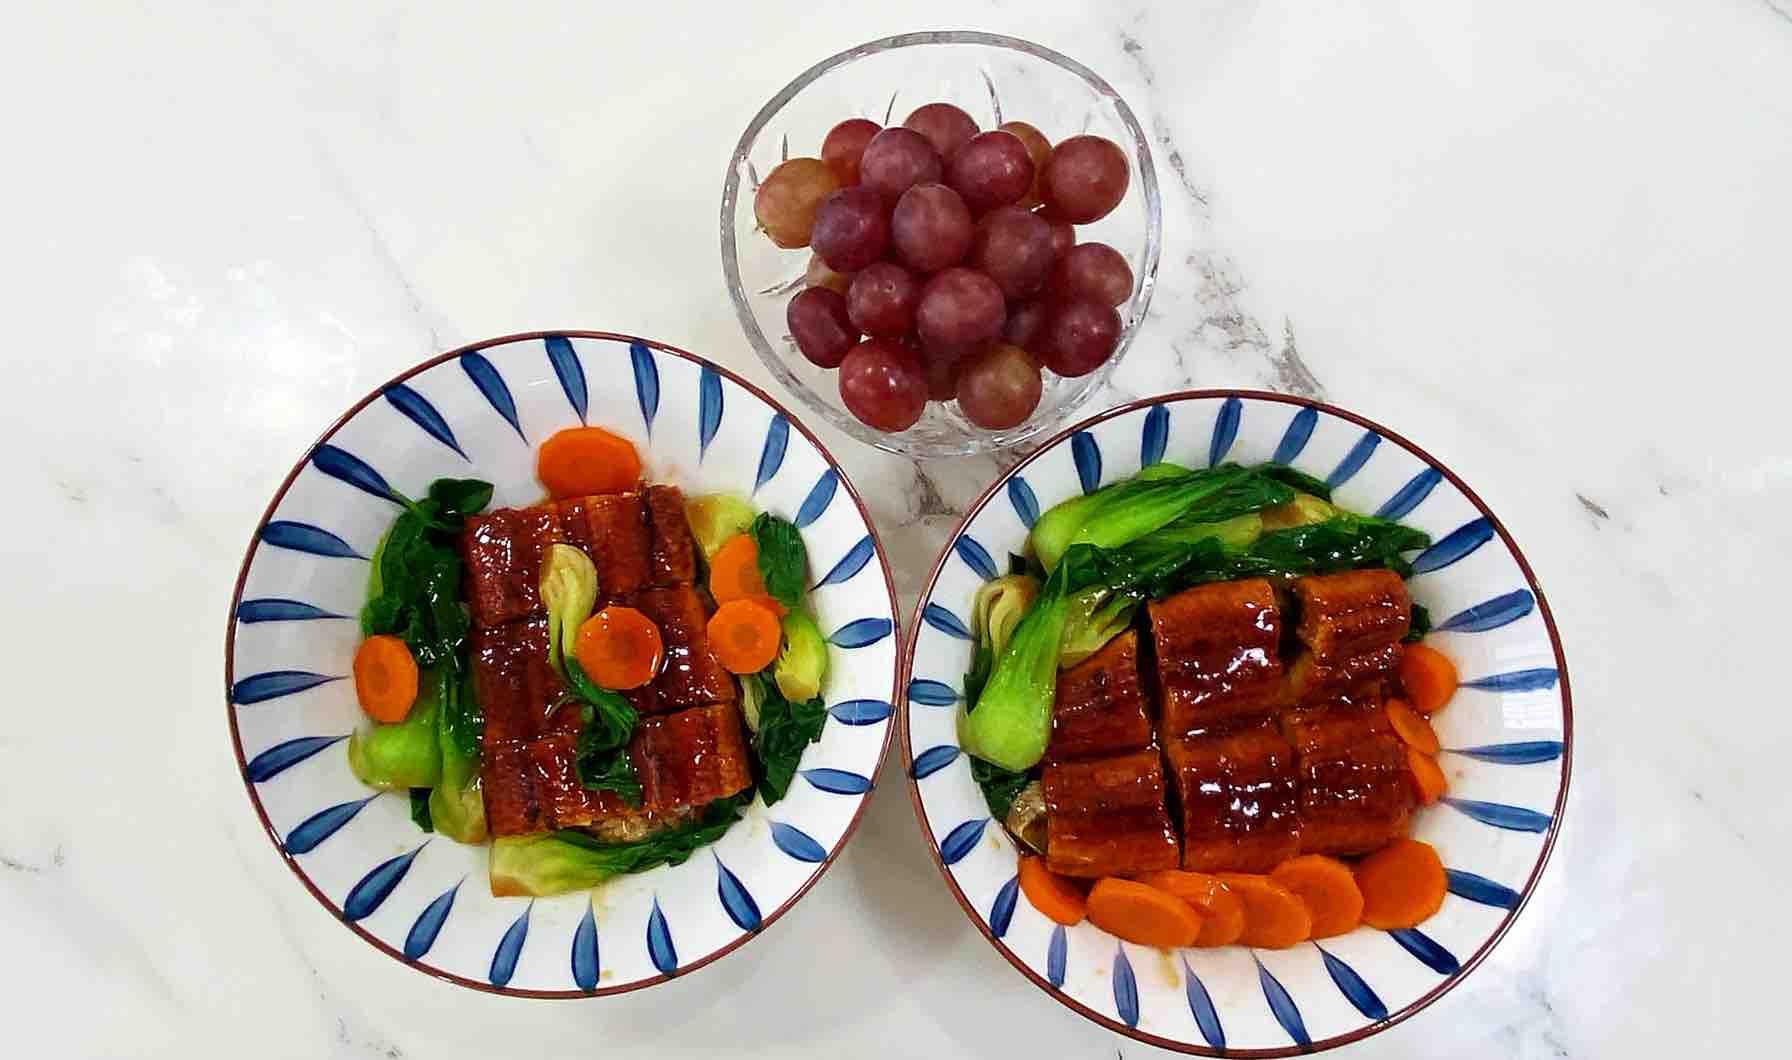 【孕妇食谱】日式蒲烧鳗鱼饭,酱汁浓郁、肉质香嫩,回味无穷~怎么煸